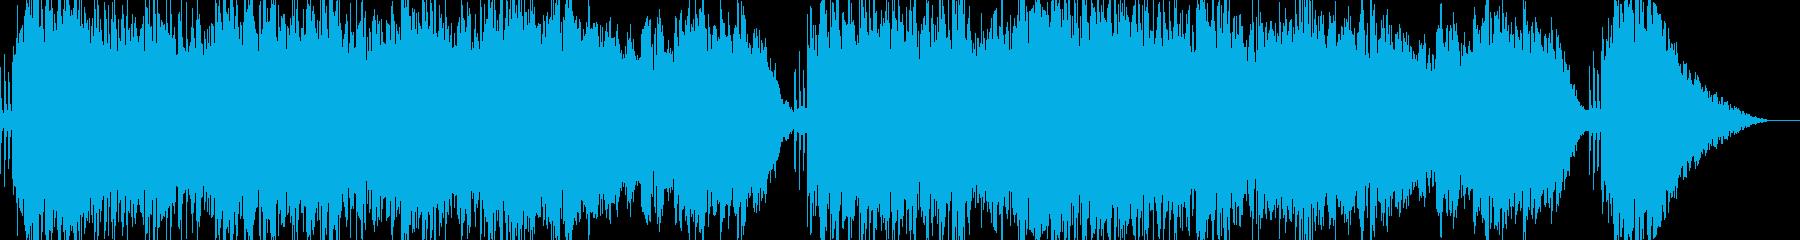 ゆったり癒し系・浮遊感・アンビエント楽曲の再生済みの波形